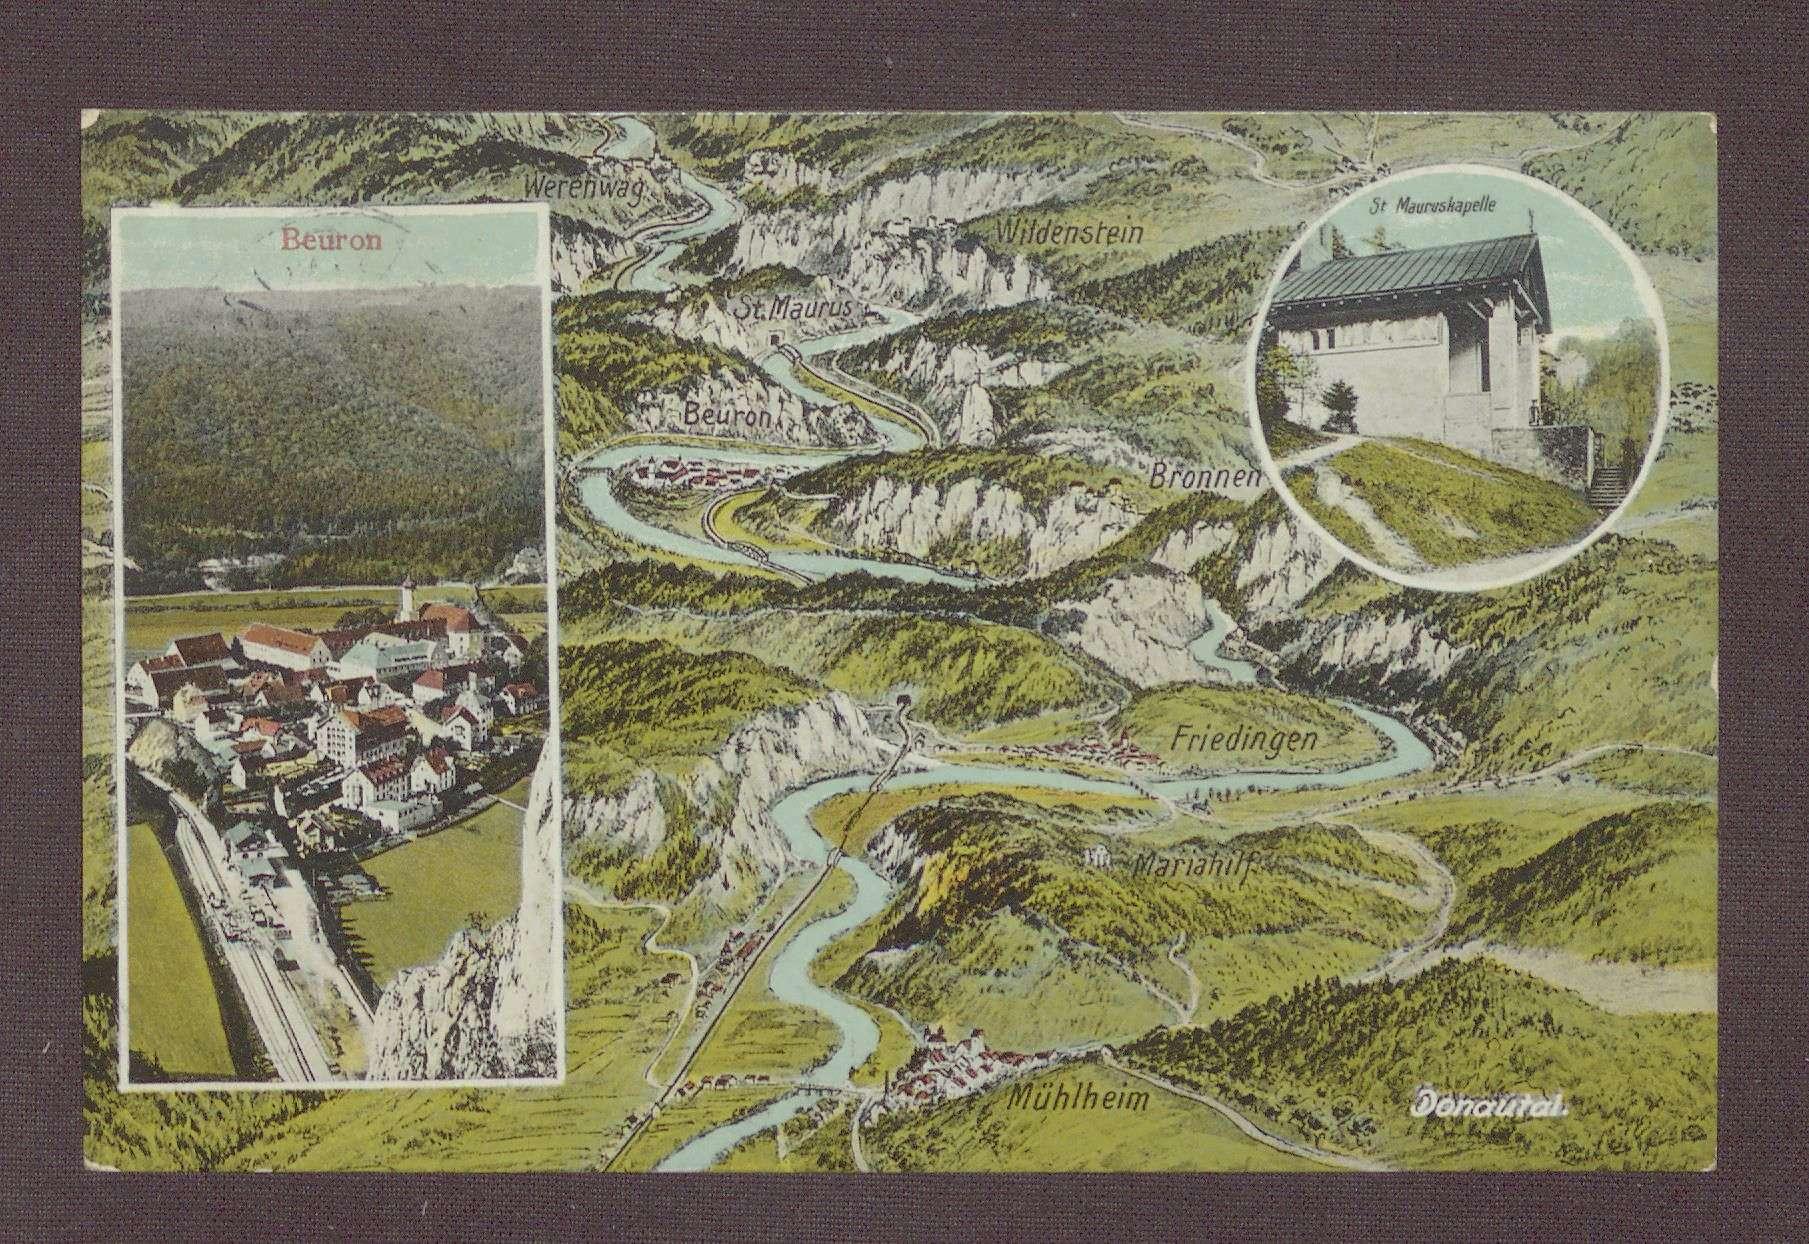 Postkarte, Motiv des Klosters Beuron, von Constantin Fehrenbach an Wilhelm Rosset, Bild 1